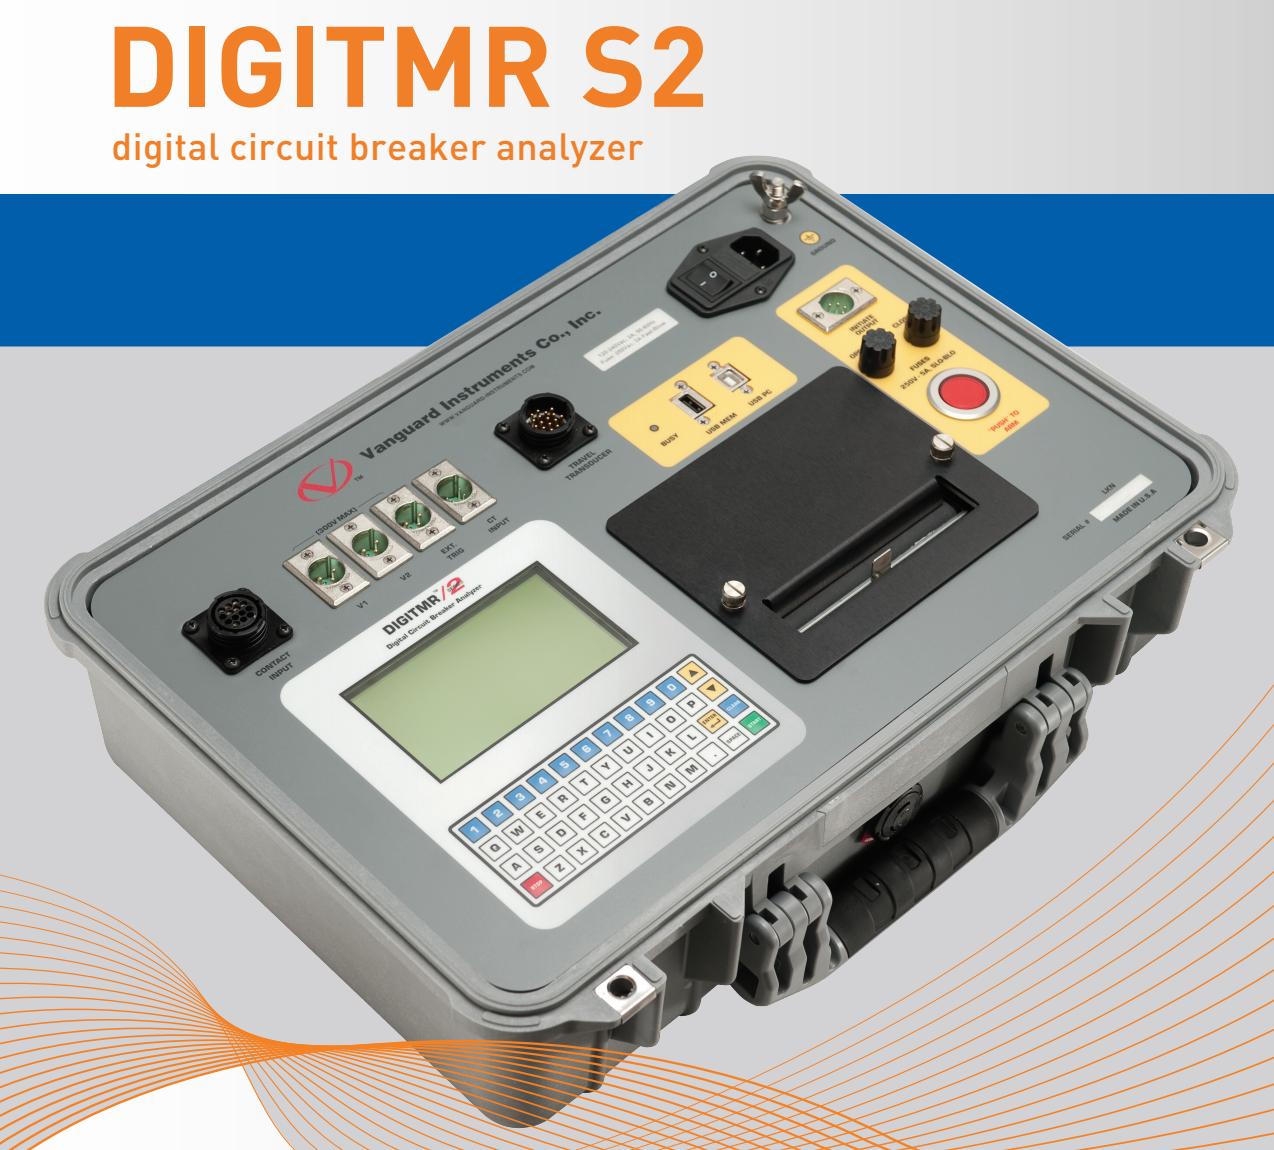 Thiết bị phân tích máy cắt DigiTMR S2